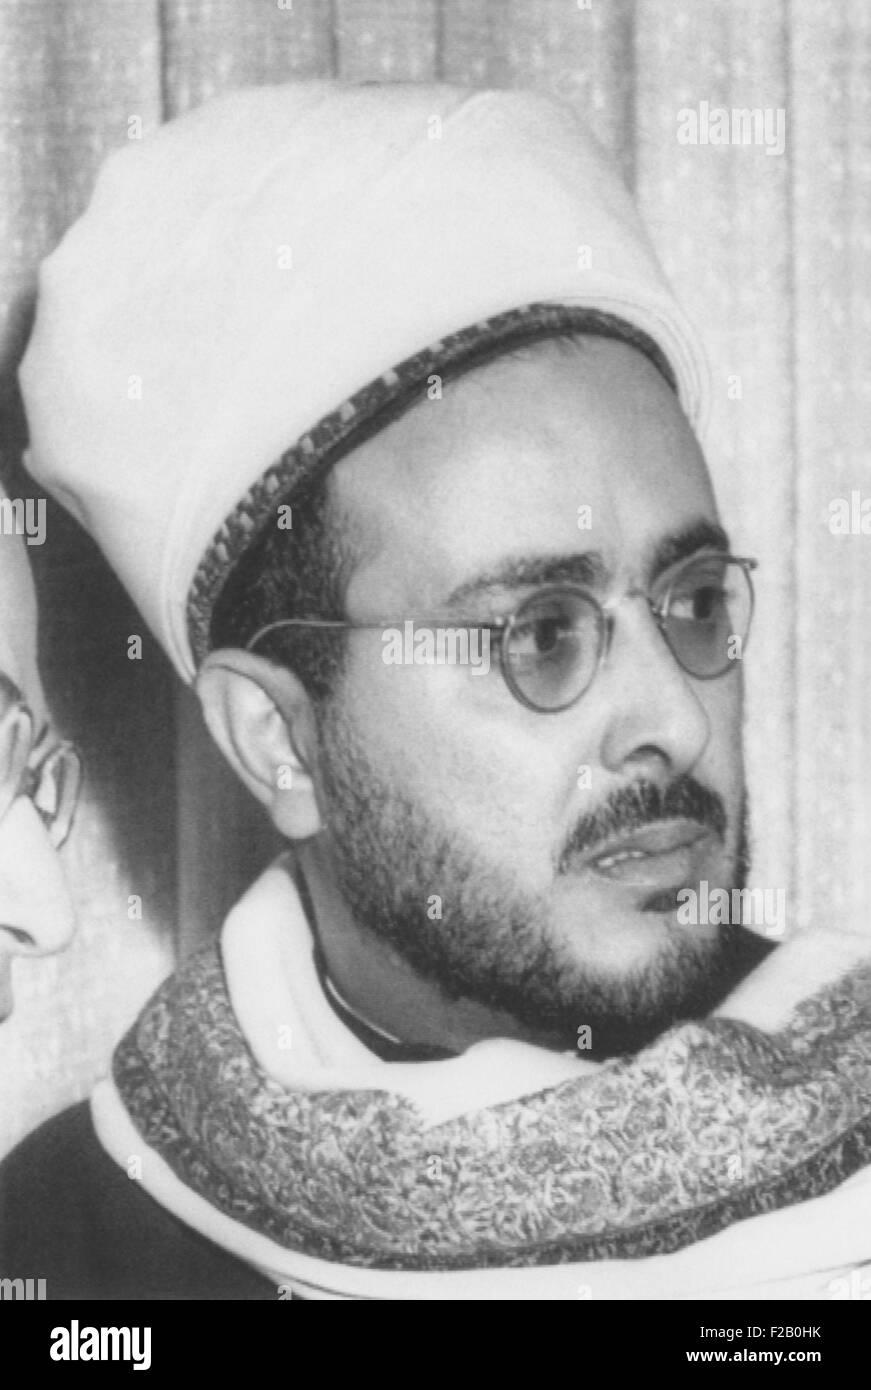 Il principe Sayf Al-Islam Abdullah ha condannato per la rivolta contro il re Sayf al-Islam Ahmad. Marzo 11, 1955. Immagini Stock